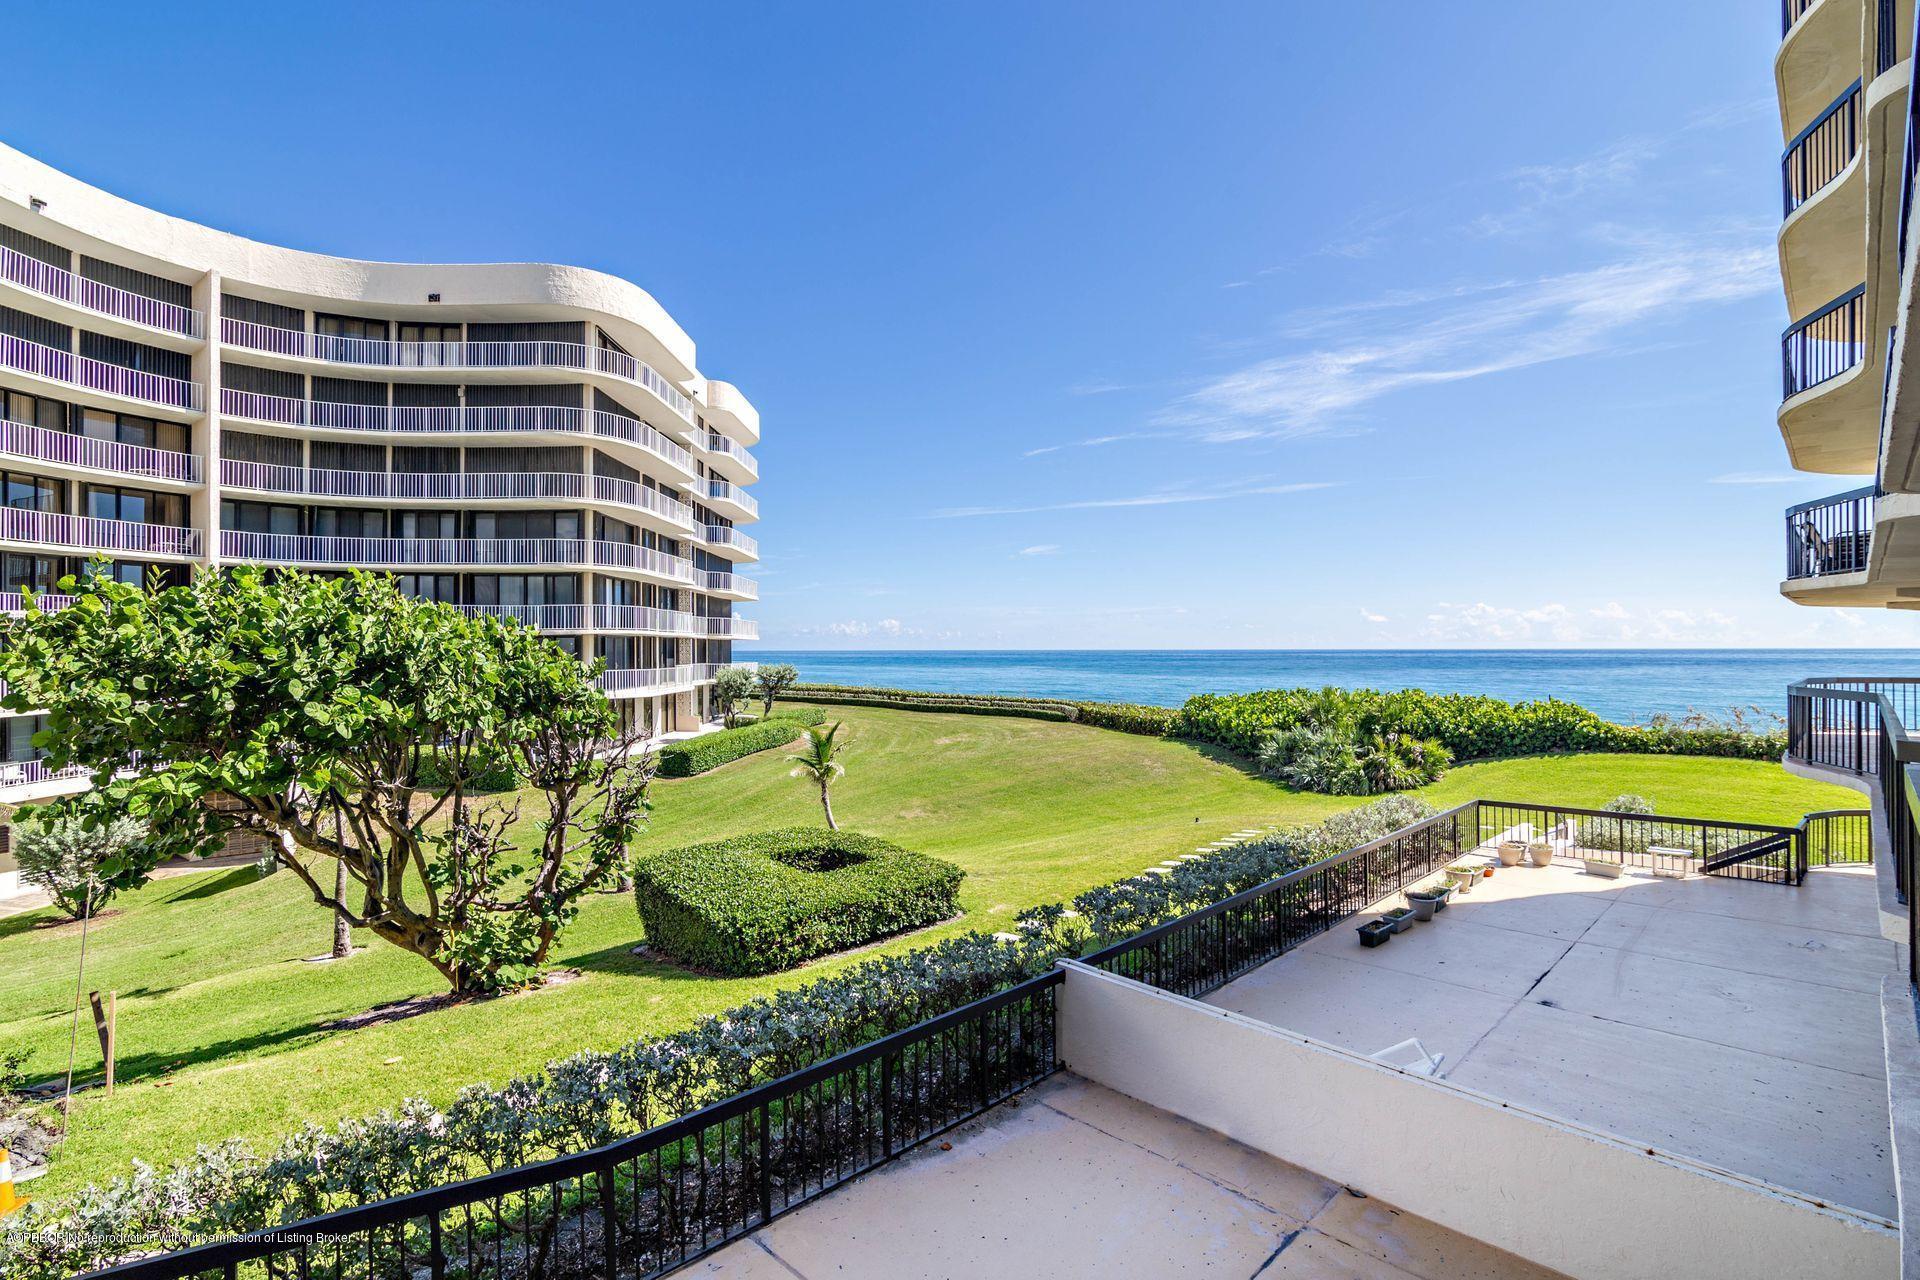 3440 S Ocean Boulevard, 204 N - Palm Beach, Florida